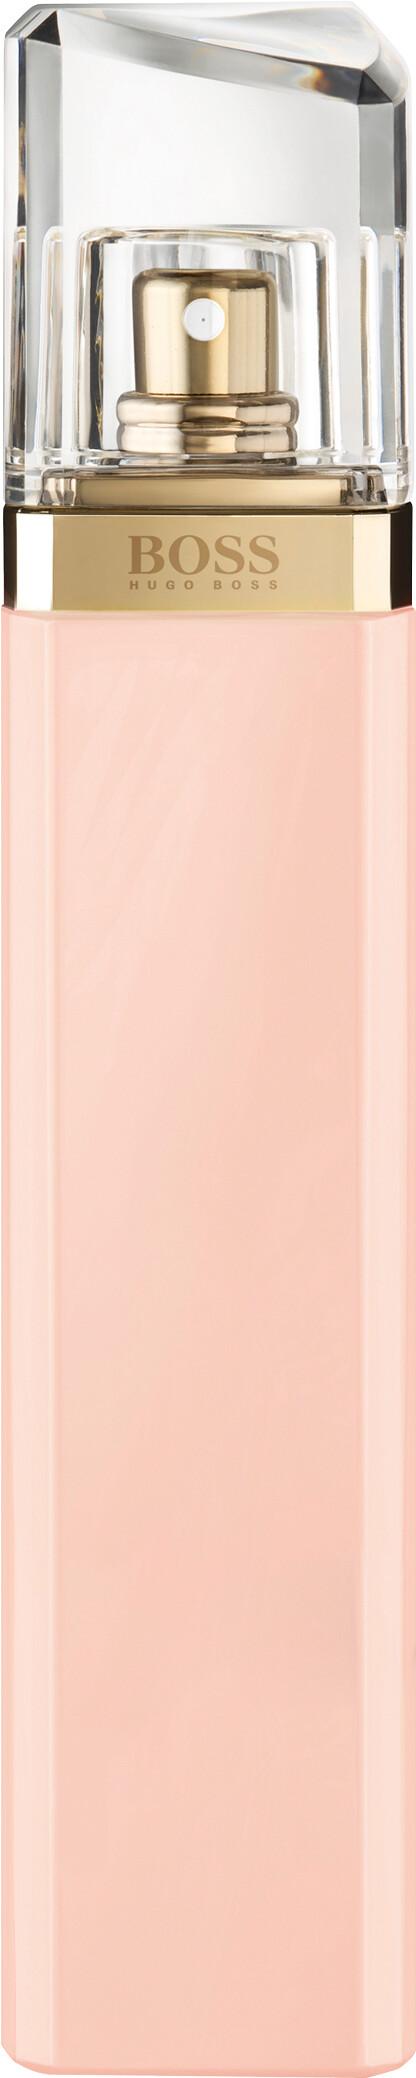 HUGO BOSS BOSS Ma Vie Pour Femme Eau de Parfum Spray 75ml